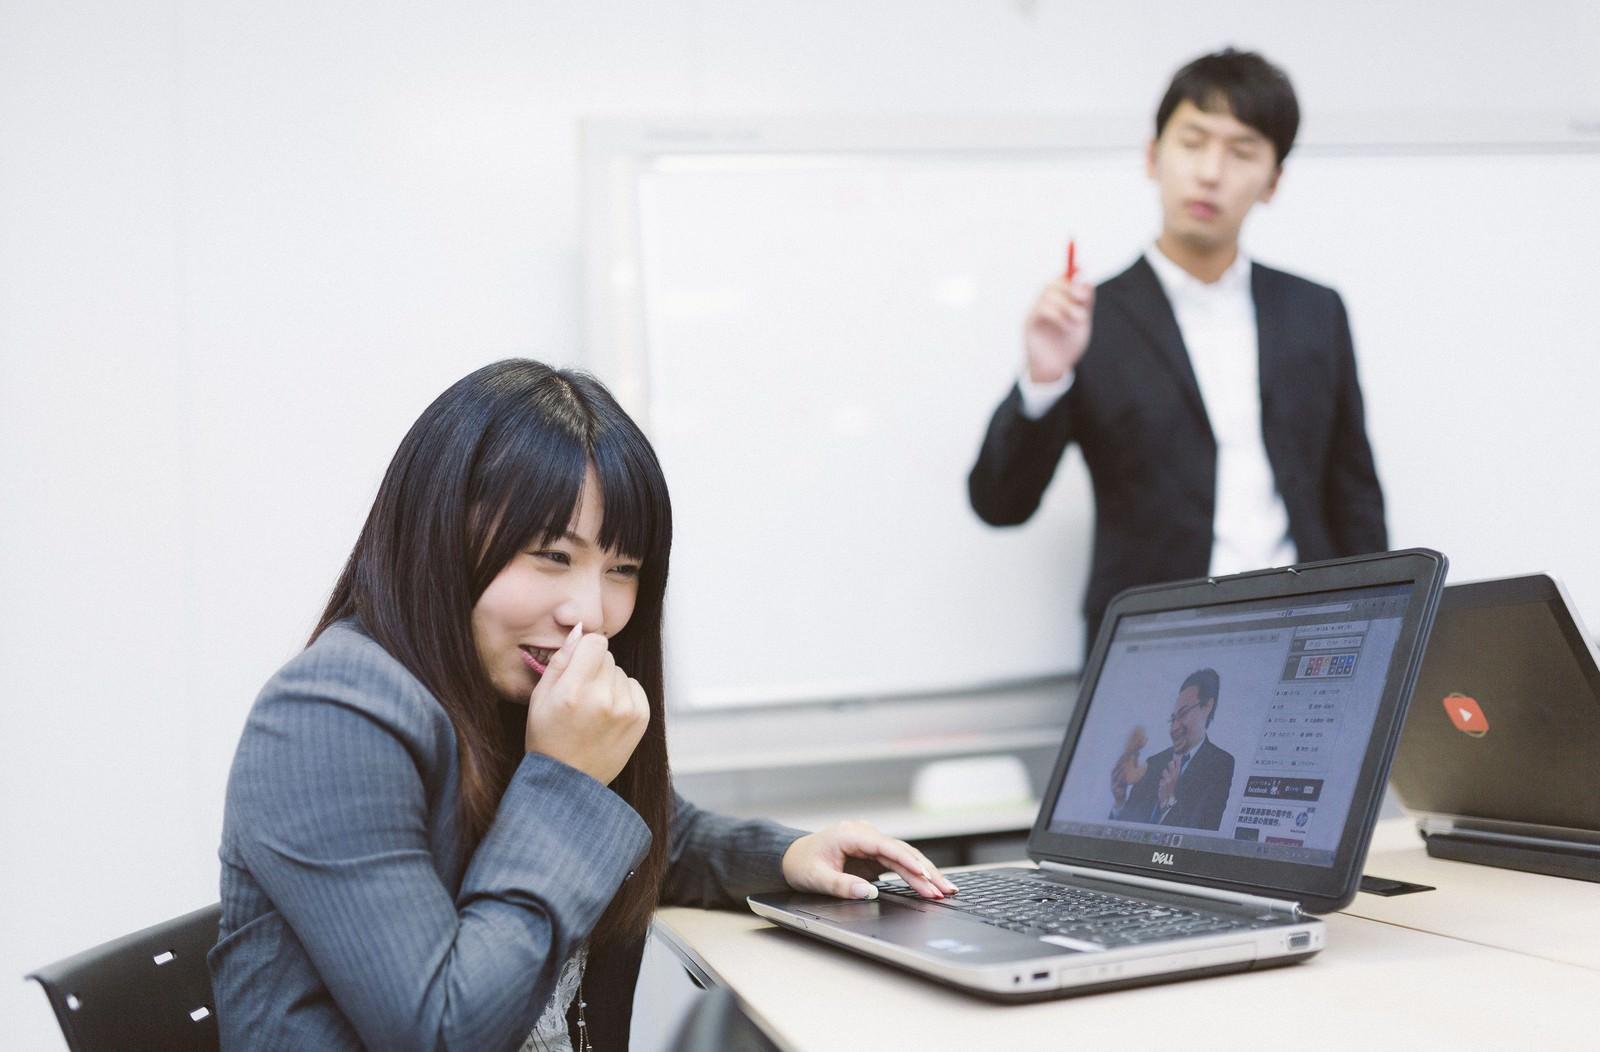 「会議中、業務に無関係なサイトを閲覧する意識低い系社員会議中、業務に無関係なサイトを閲覧する意識低い系社員」[モデル:大川竜弥 Lala]のフリー写真素材